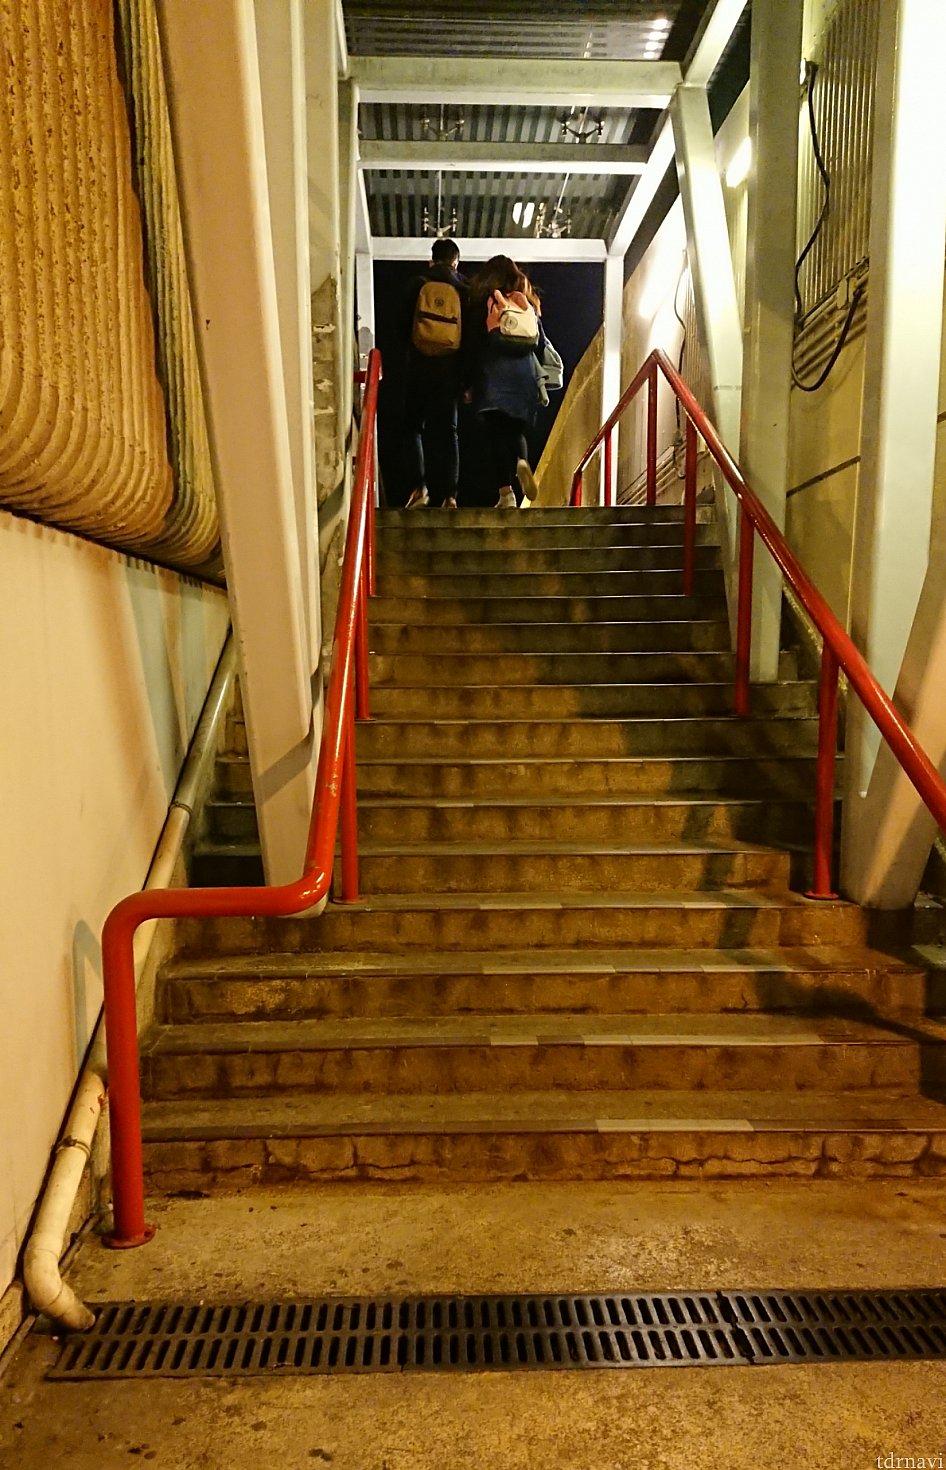 のぼると右手に見える階段をまたのぼるとバス停が見えます。